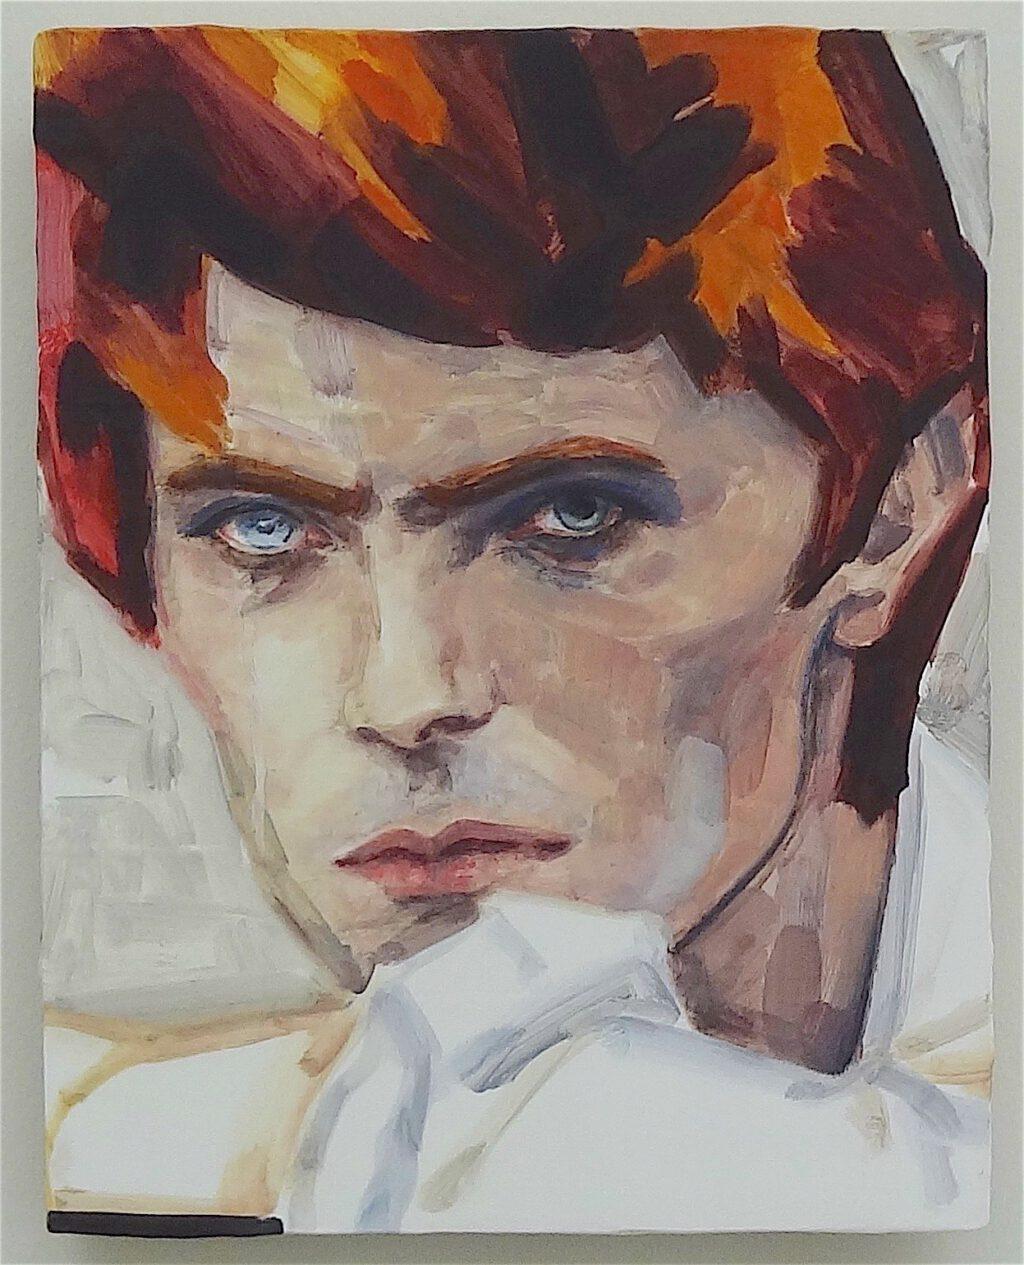 David Bowie by Elizabeth Peyton, 2012